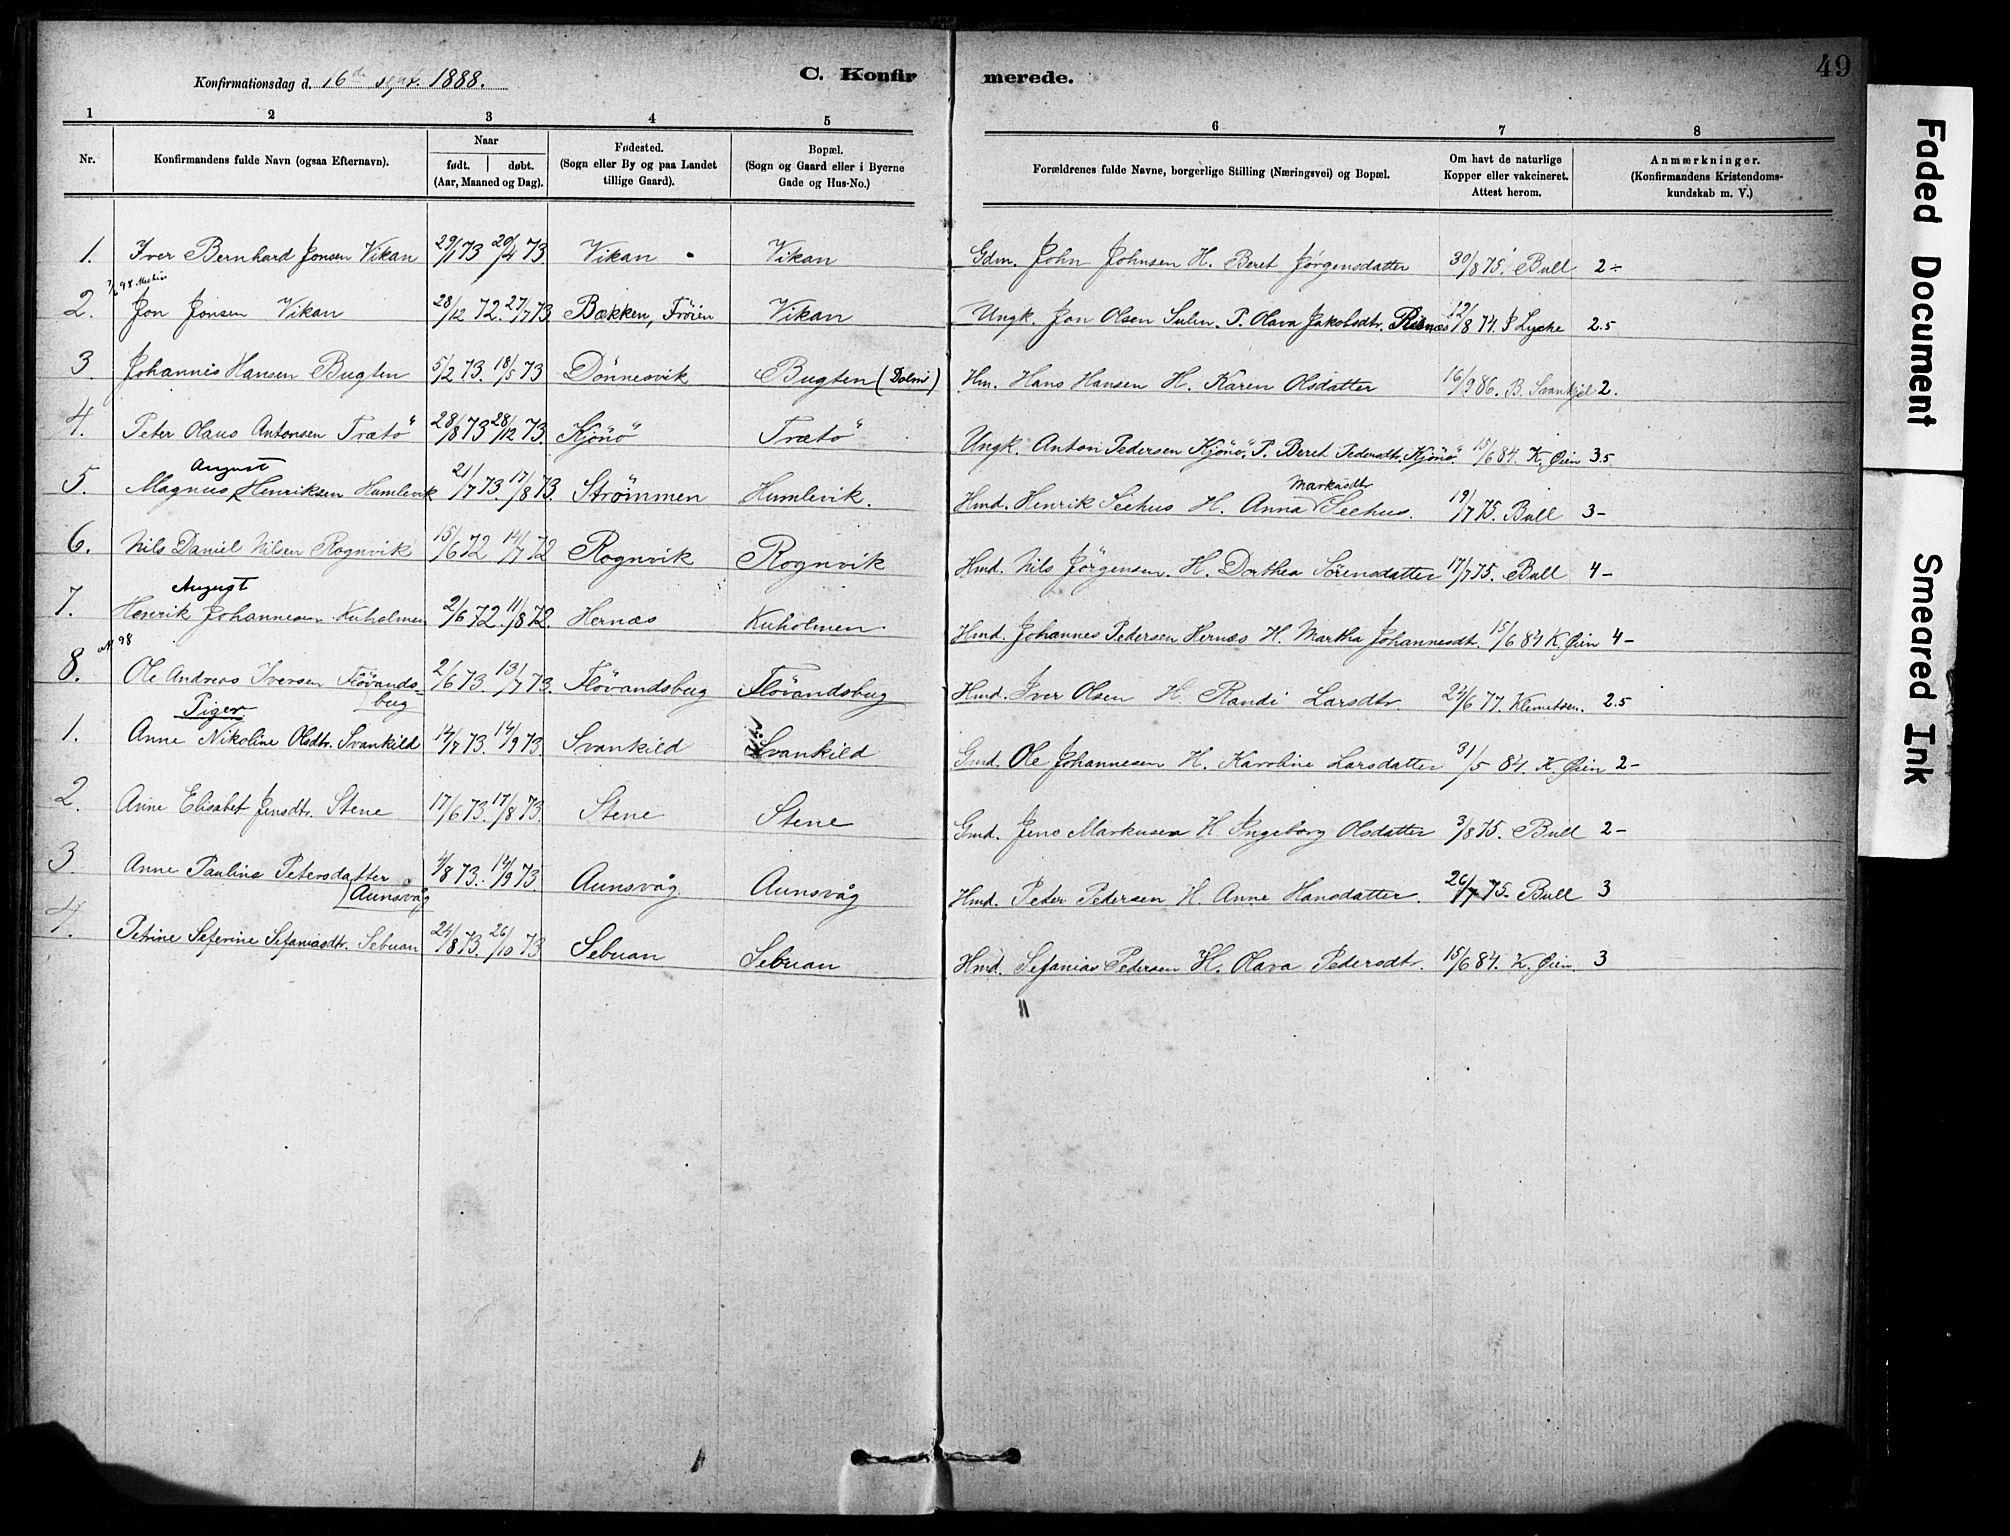 SAT, Ministerialprotokoller, klokkerbøker og fødselsregistre - Sør-Trøndelag, 635/L0551: Ministerialbok nr. 635A01, 1882-1899, s. 49